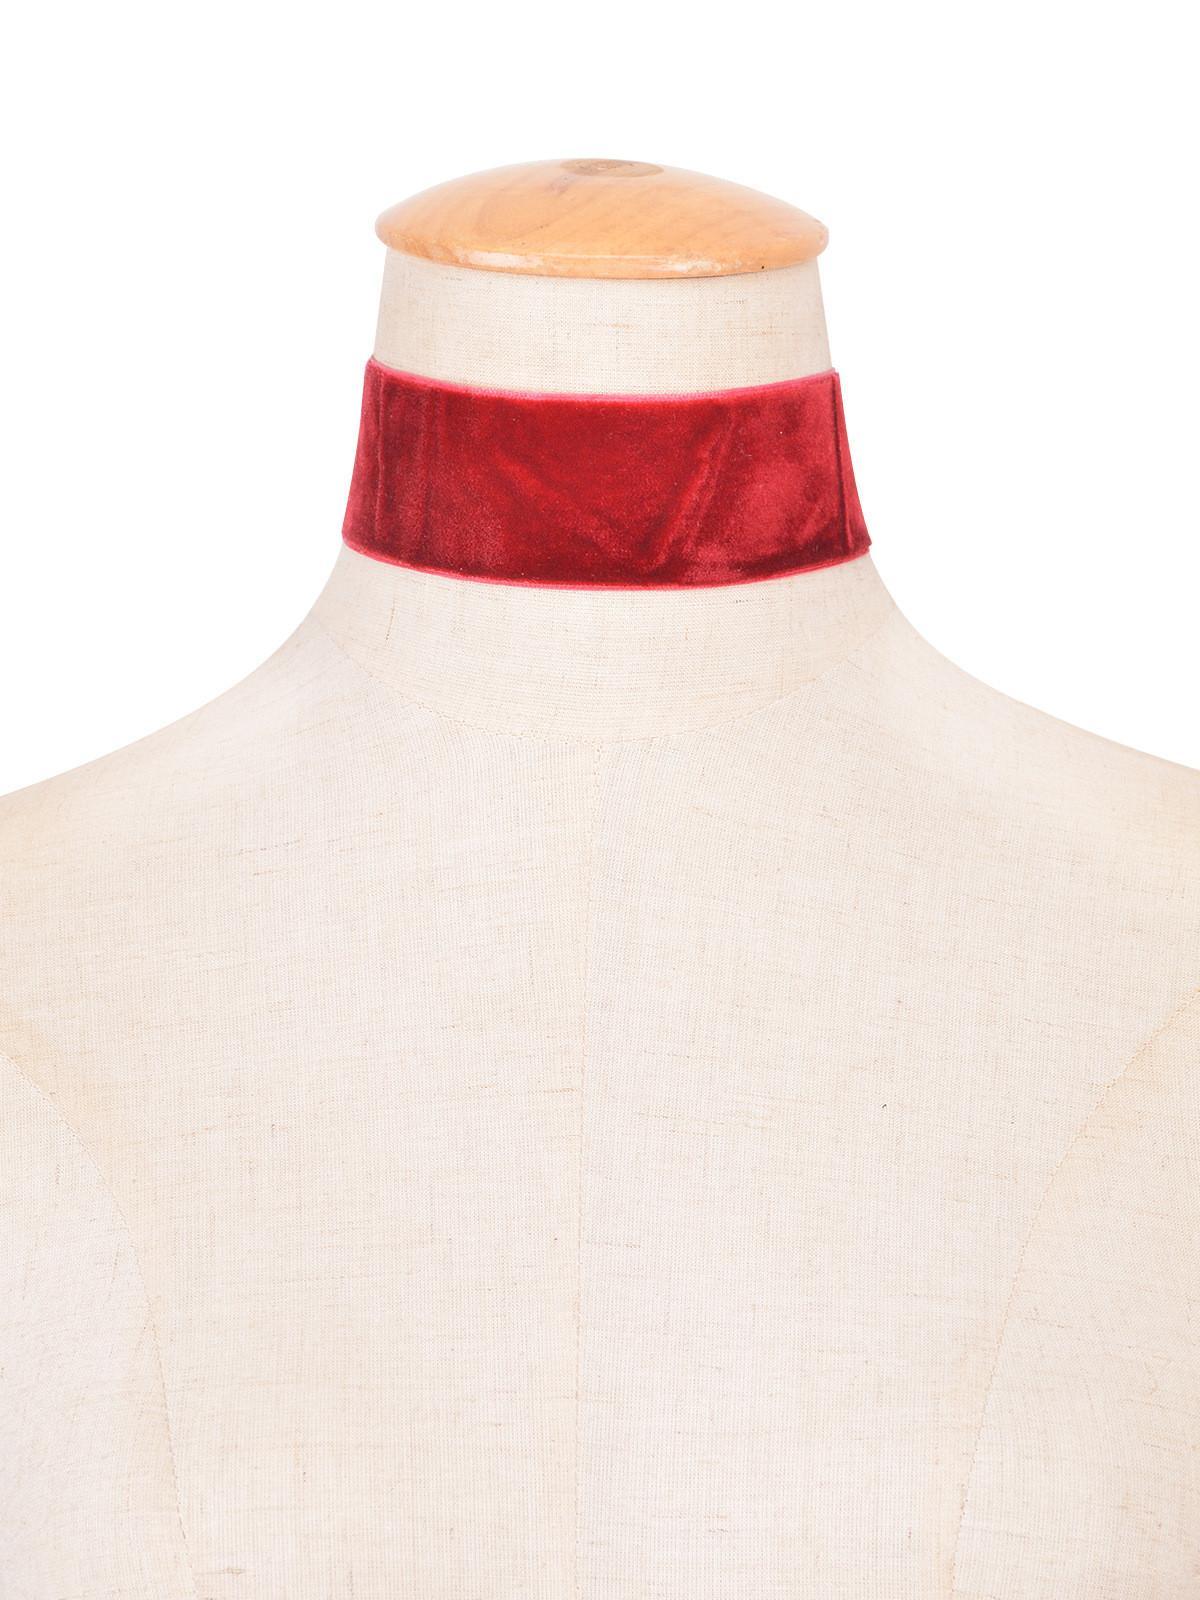 2016 Mujeres Punk Collar de Gargantilla de Terciopelo Negro Gótico Vintage Gran Collar de Cinta de Terciopelo Collar de Joyería Hecha a mano para Mujeres Nueva Moda